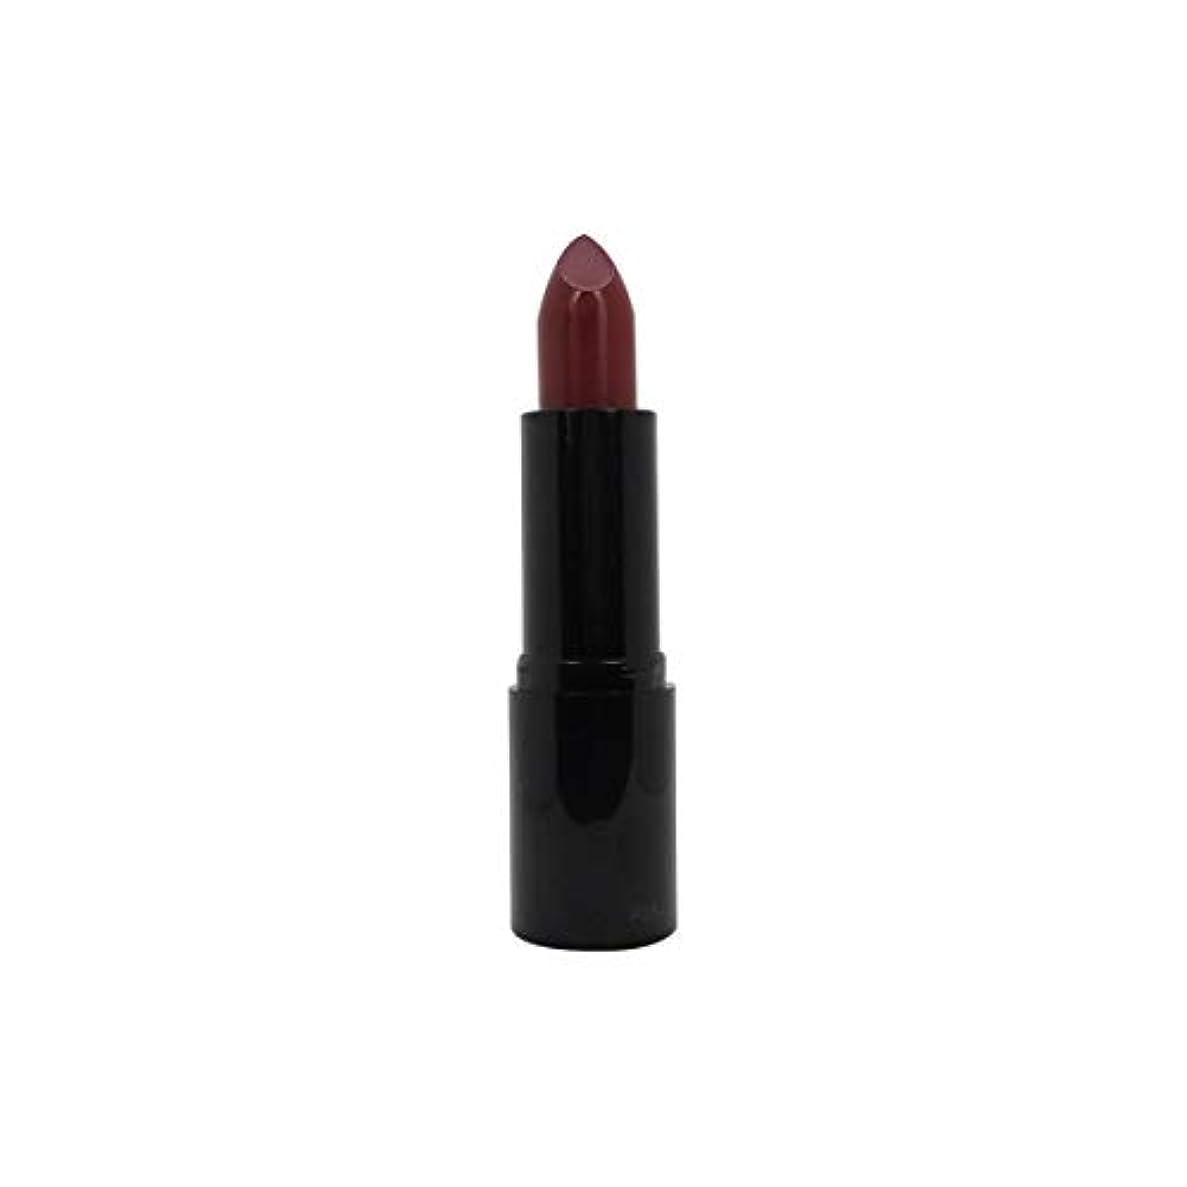 年金受給者隔離するあなたが良くなりますSkinerie The Collection Lipstick 09 Crazy Nuts 3,5g